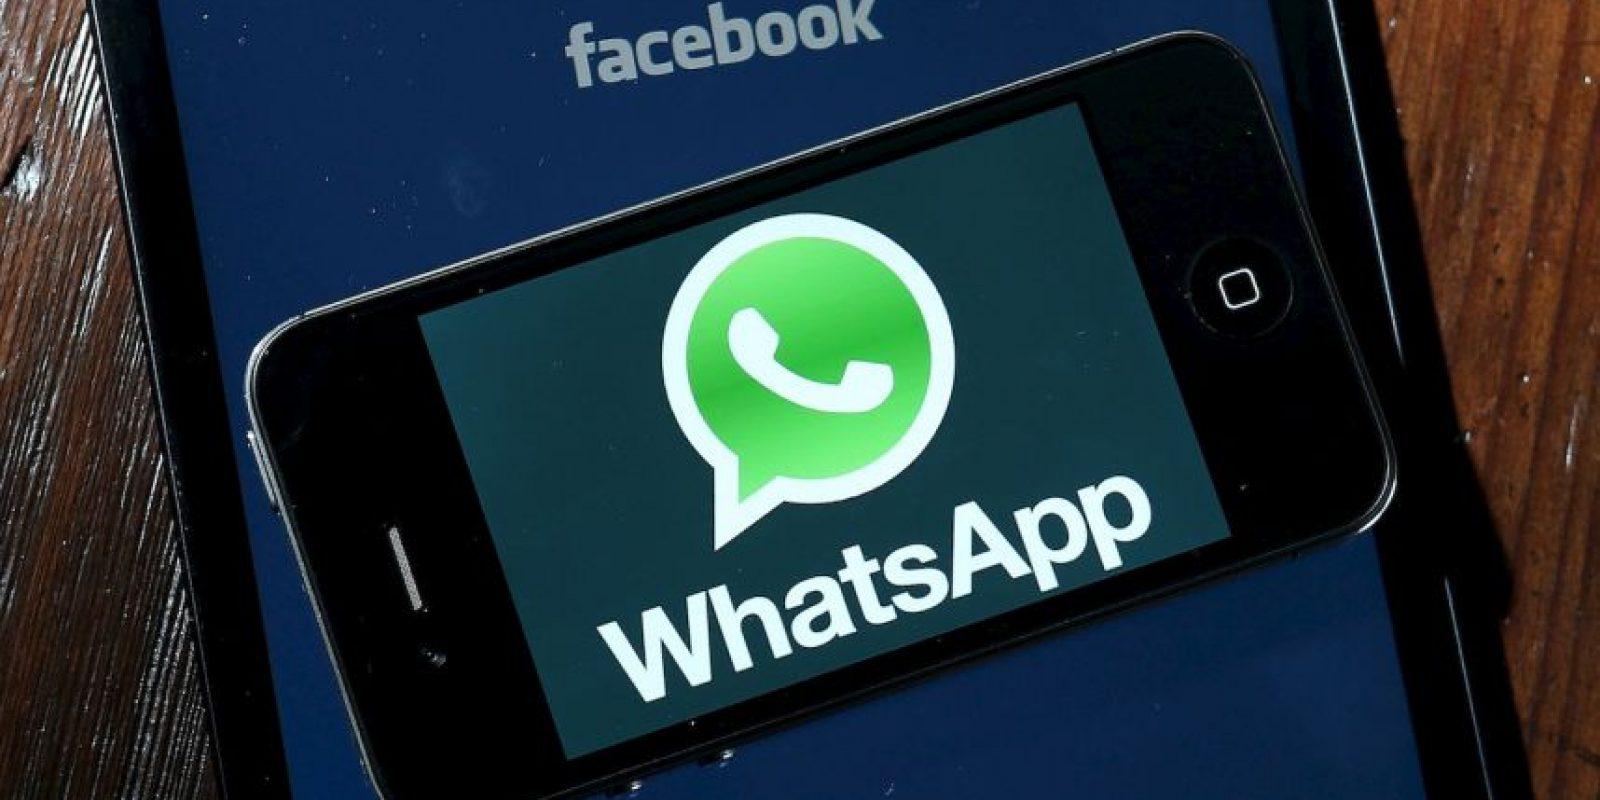 Desde que Facebook compró la aplicación, se escuchaban muchos rumores sobre las nuevas funciones para la app, una de ellas eran las llamadas vía Wi-Fi sin costo Foto:Getty Images